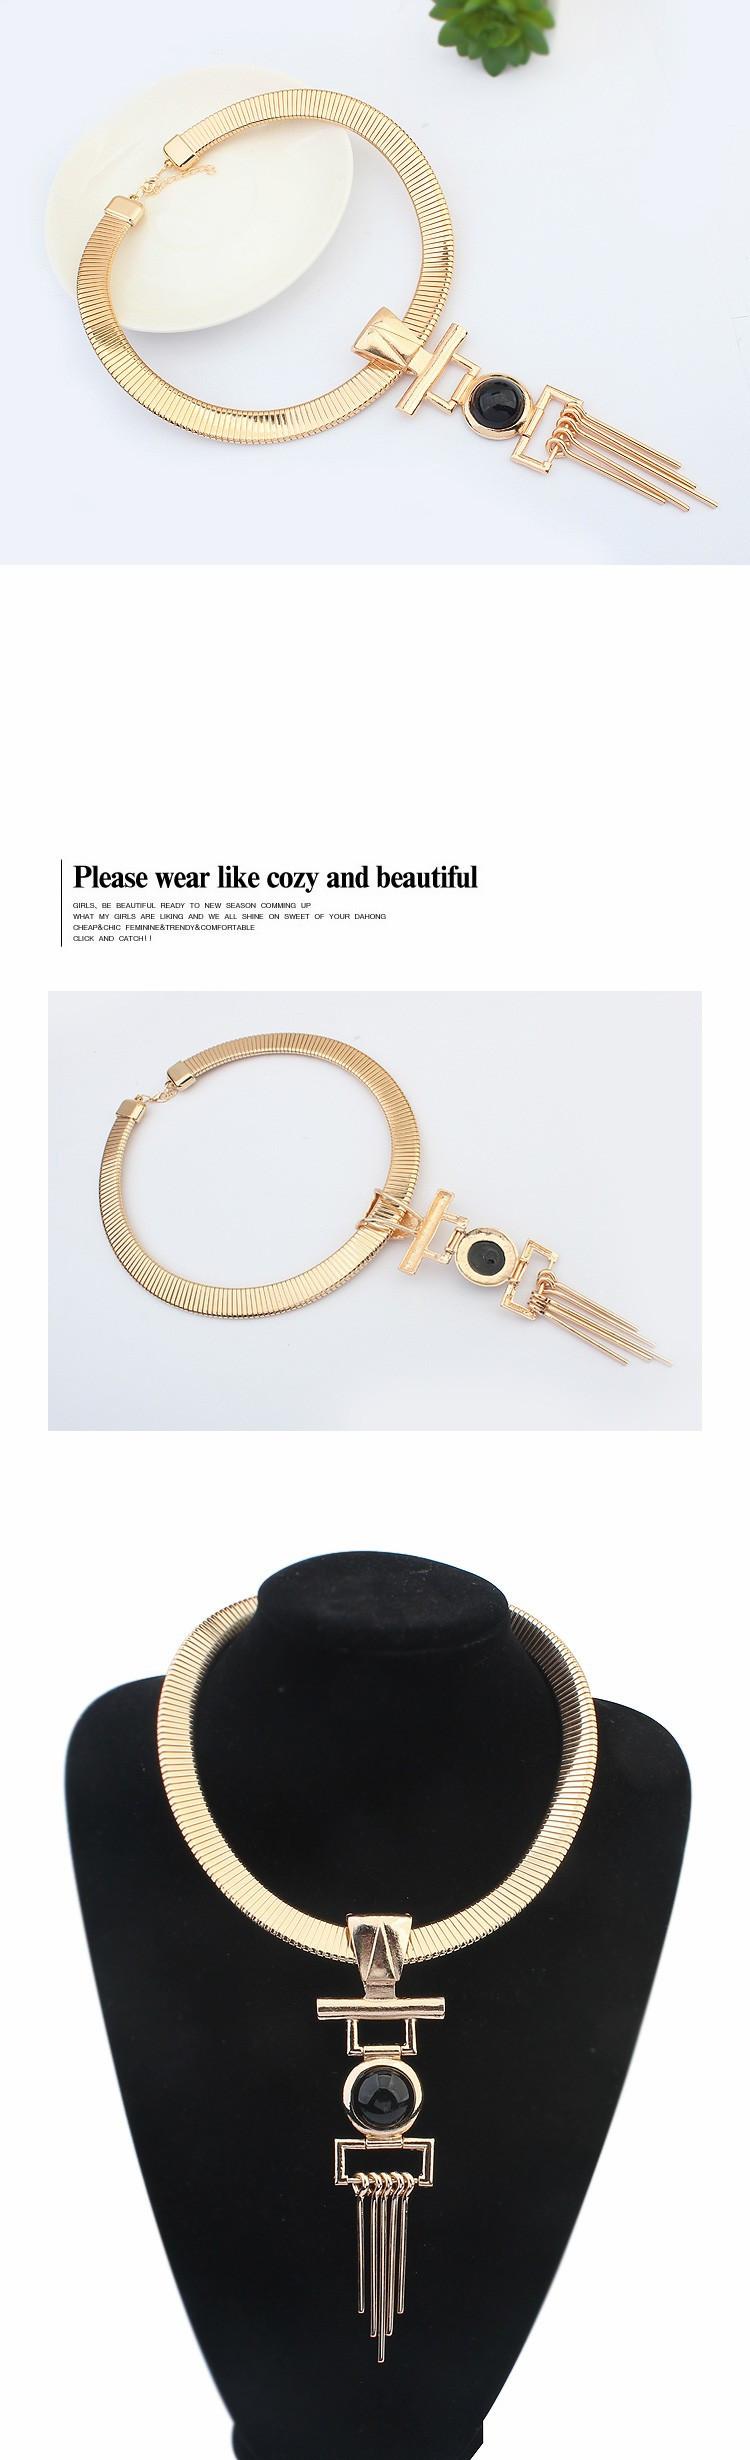 2015 бренд моды улице избили звезд панк личности преувеличения покрытием золота большой кисточкой колье колье заявление ювелирные изделия pd34